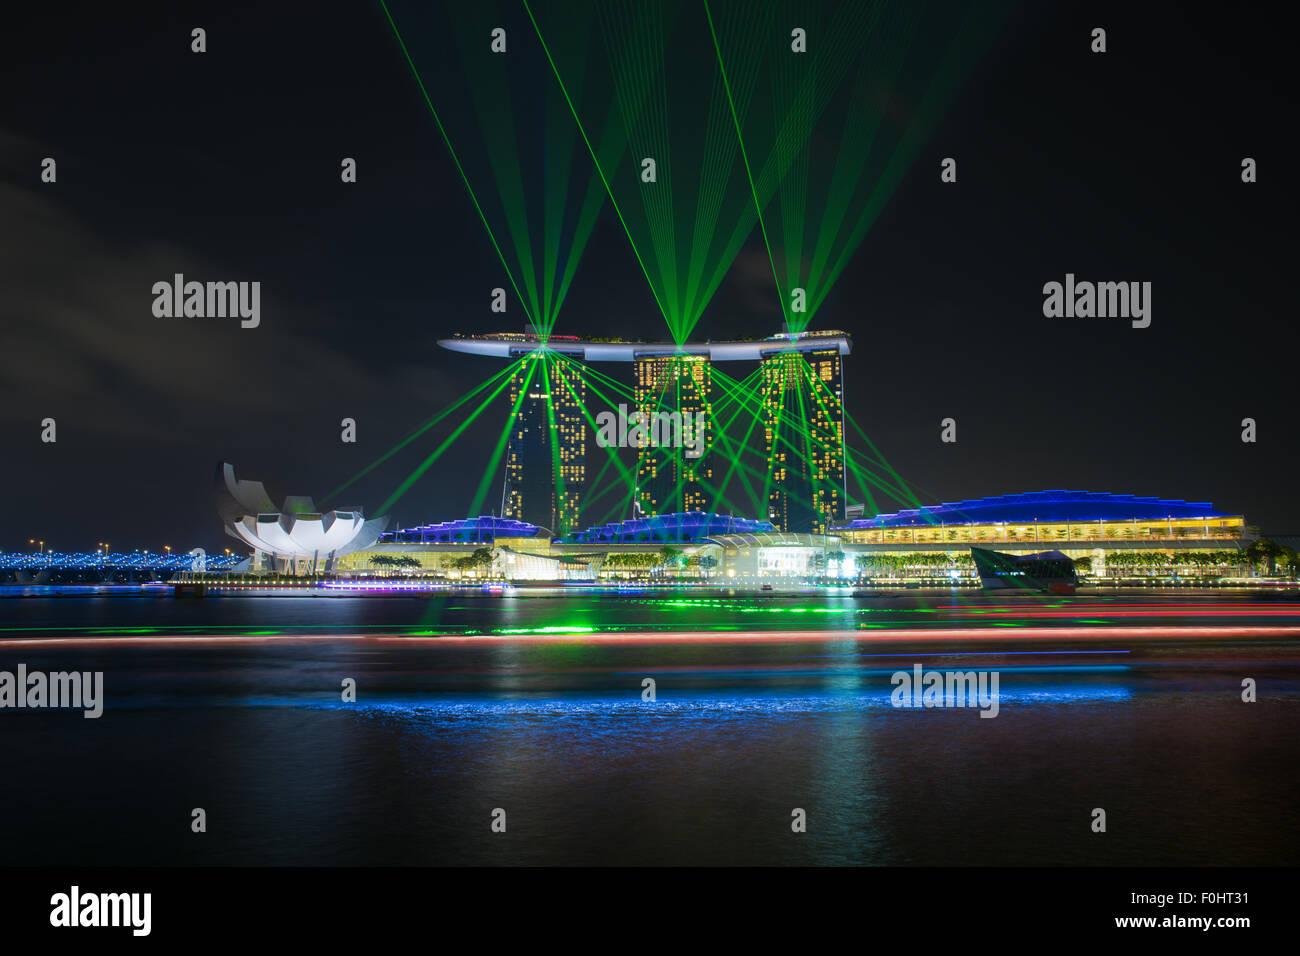 Laser show of Singapore Marina Bay, Singapore - Stock Image